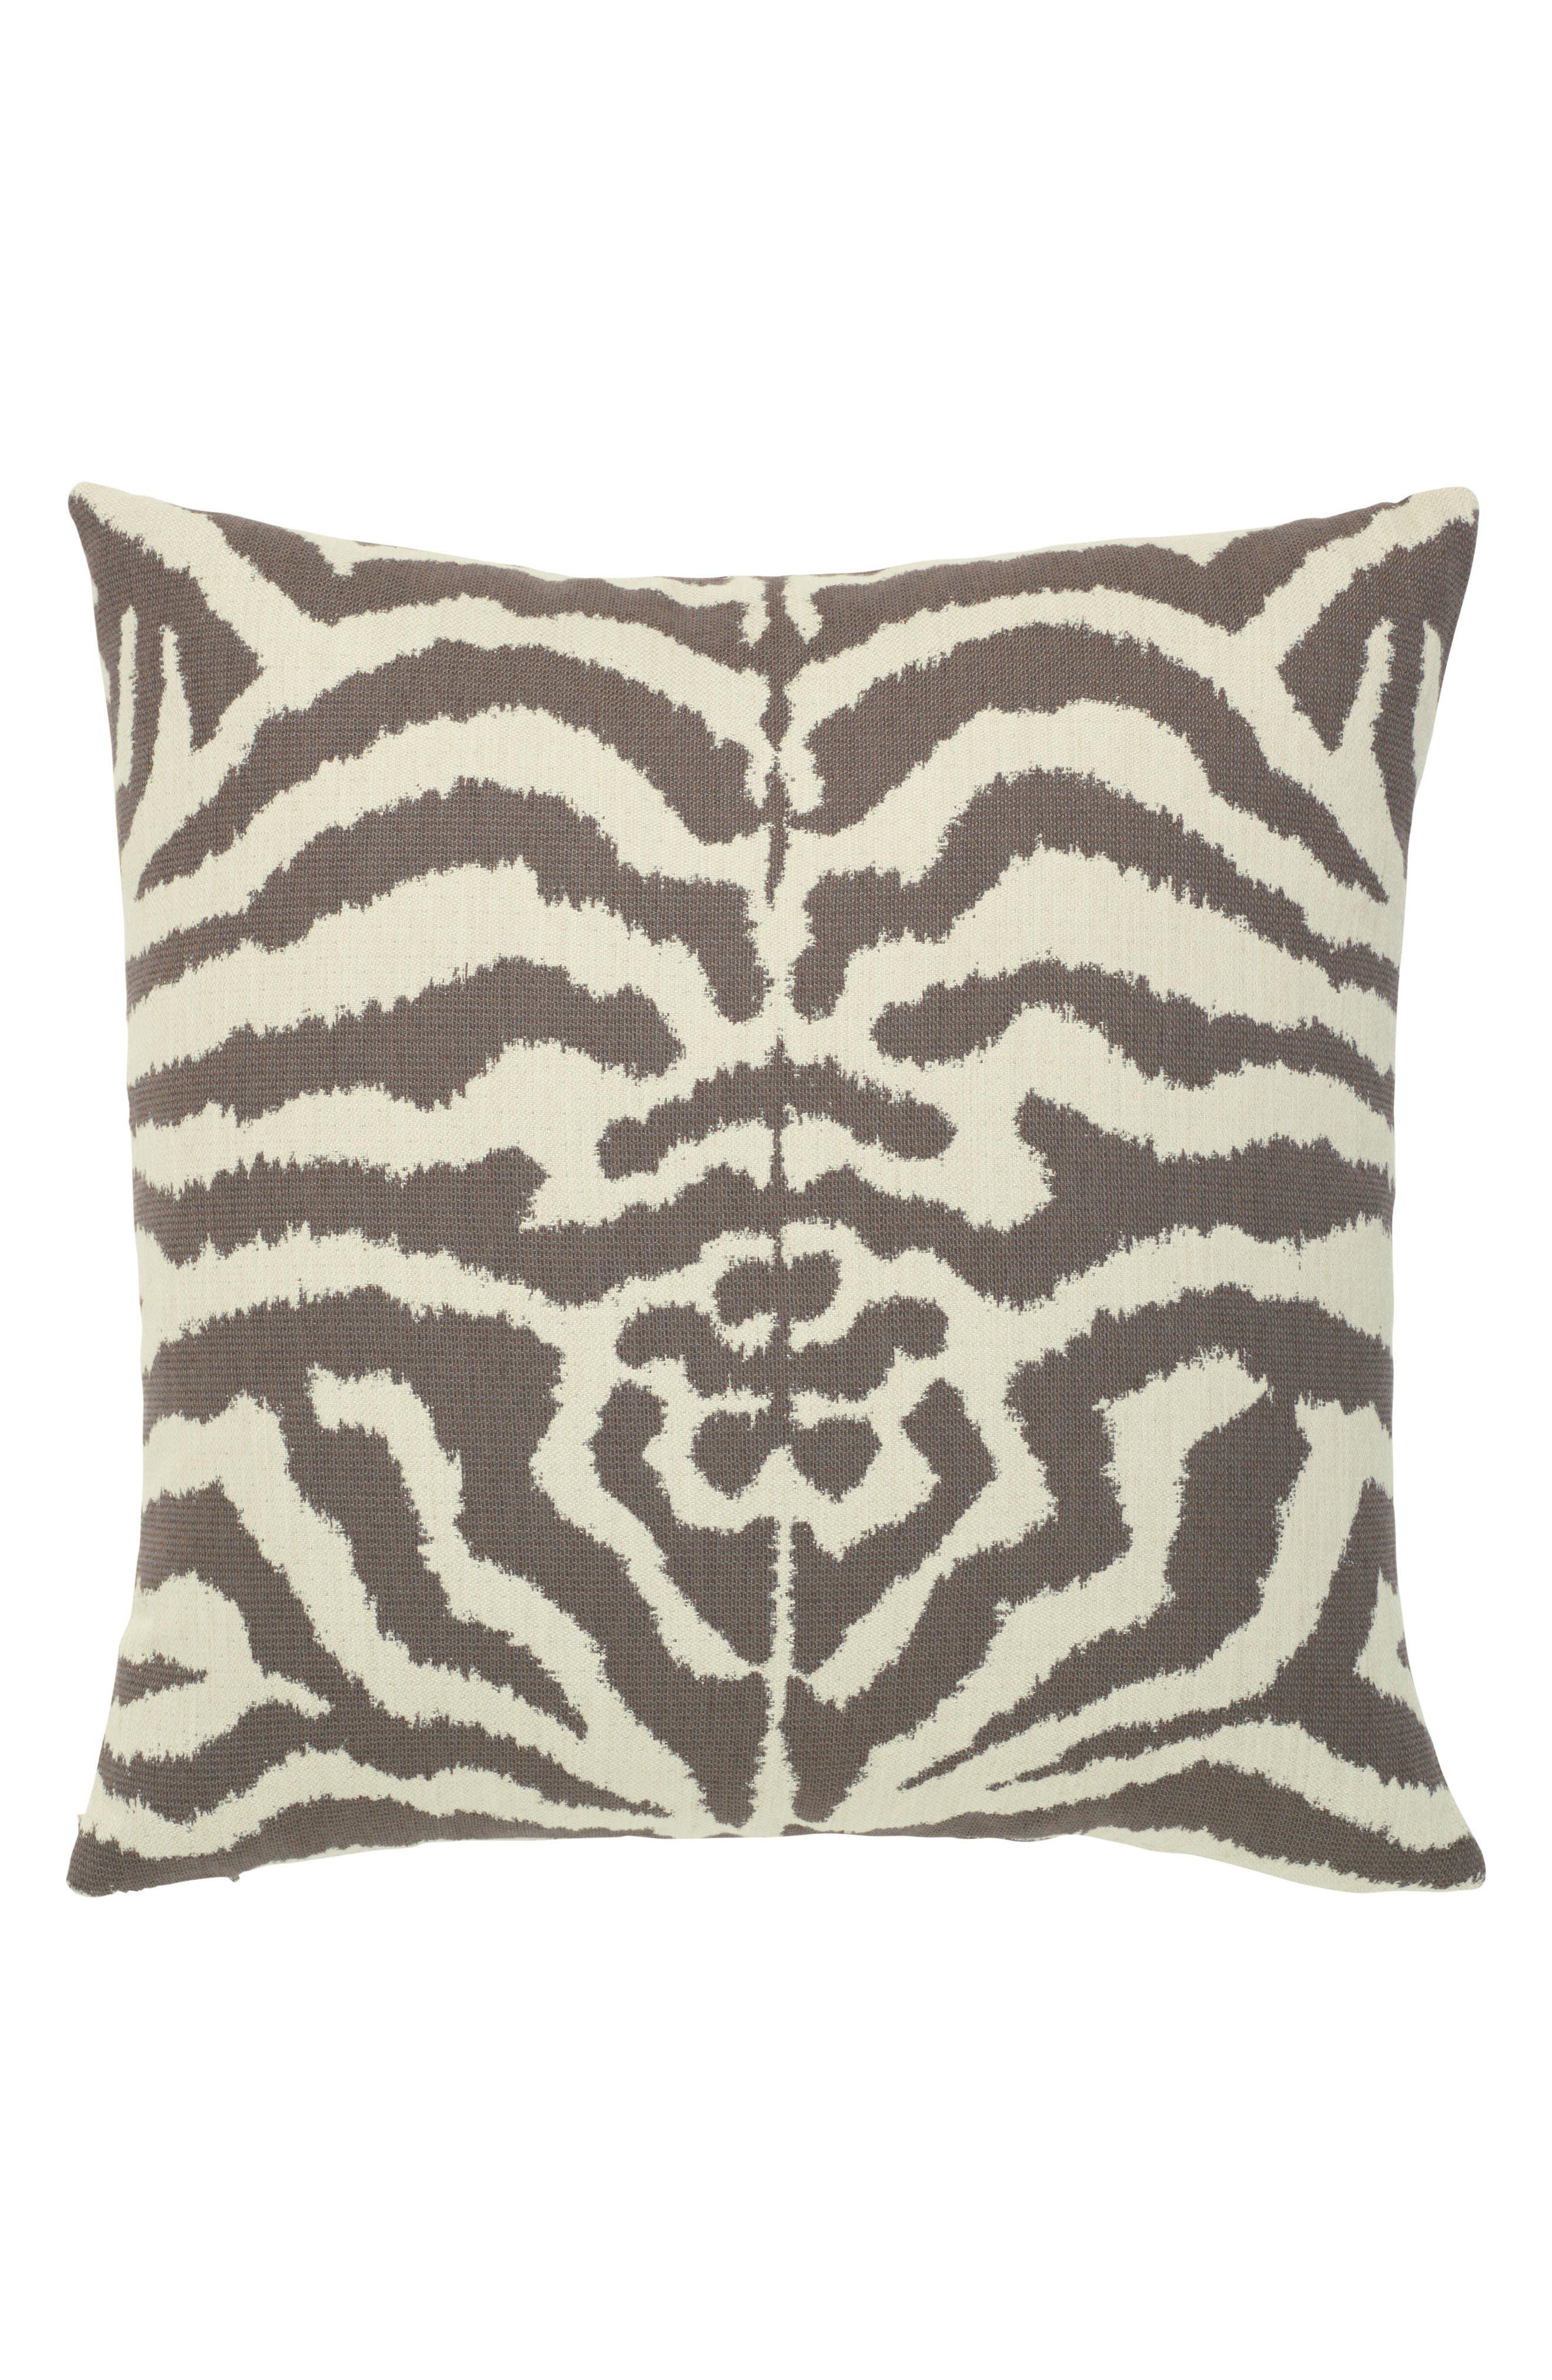 Elaine Smith Zebra Mocha Indoor/Outdoor Accent Pillow